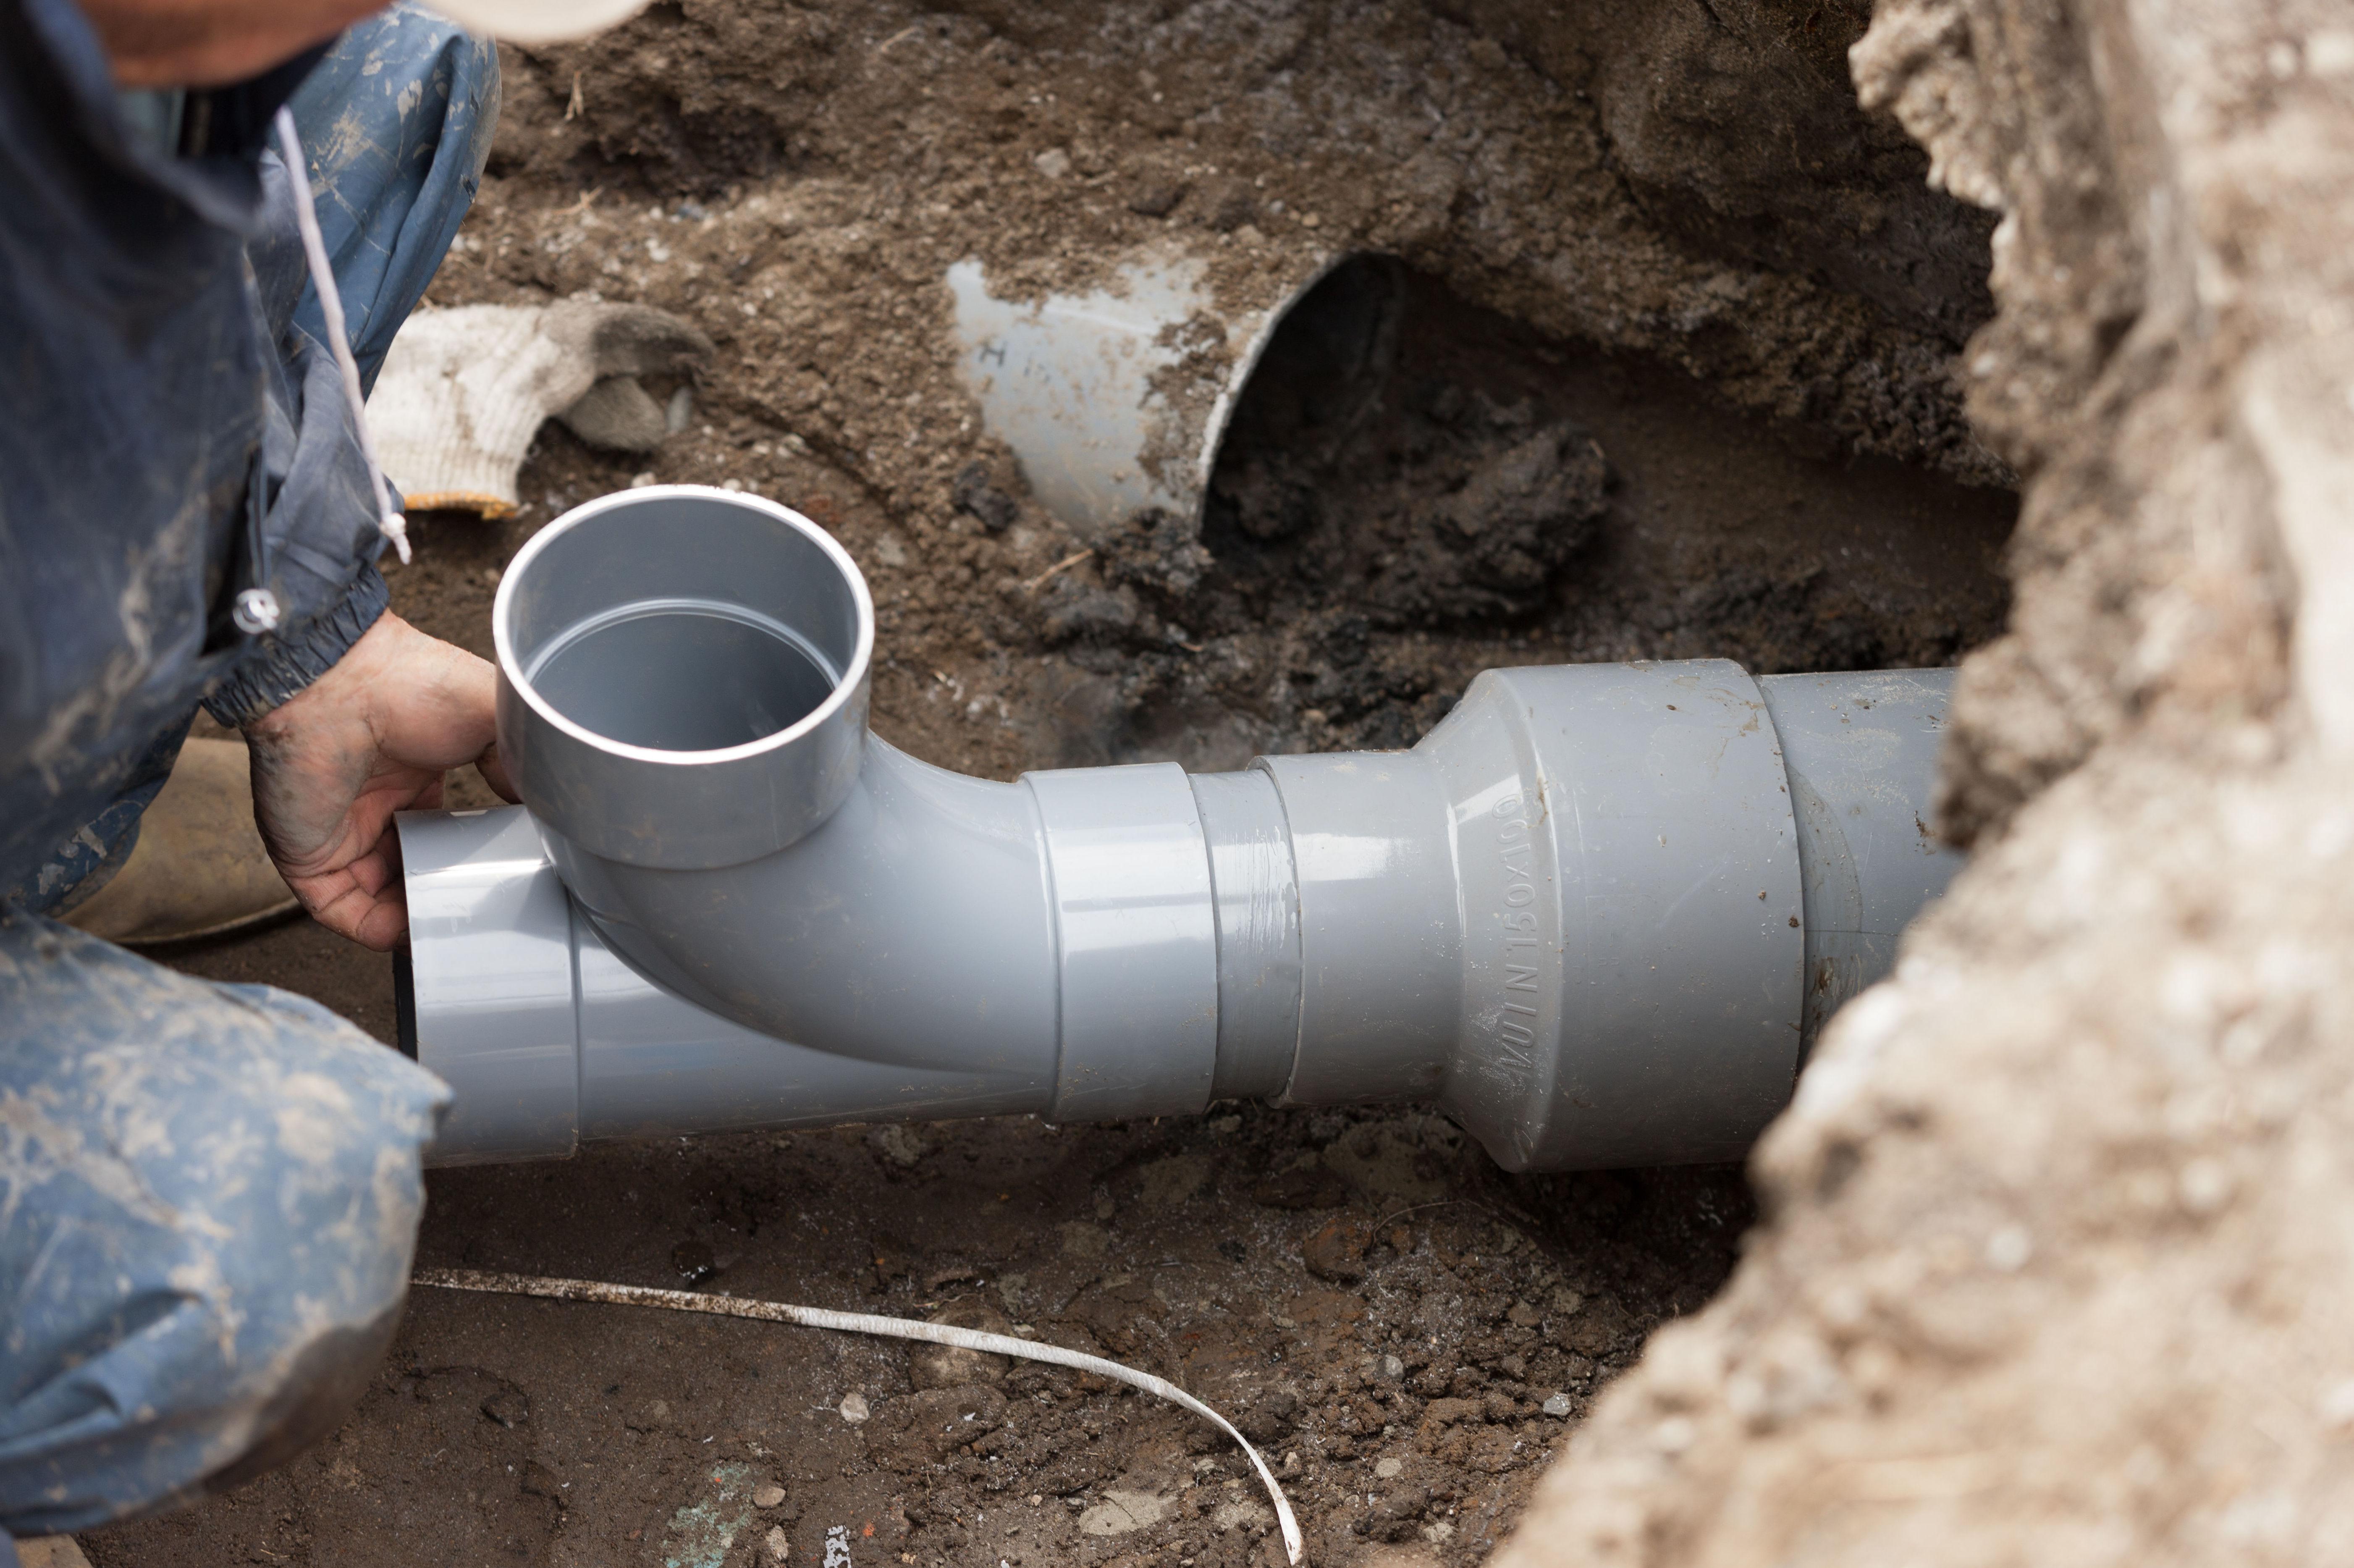 Mantenimiento, reparación y sustitución de tuberías de desagües.